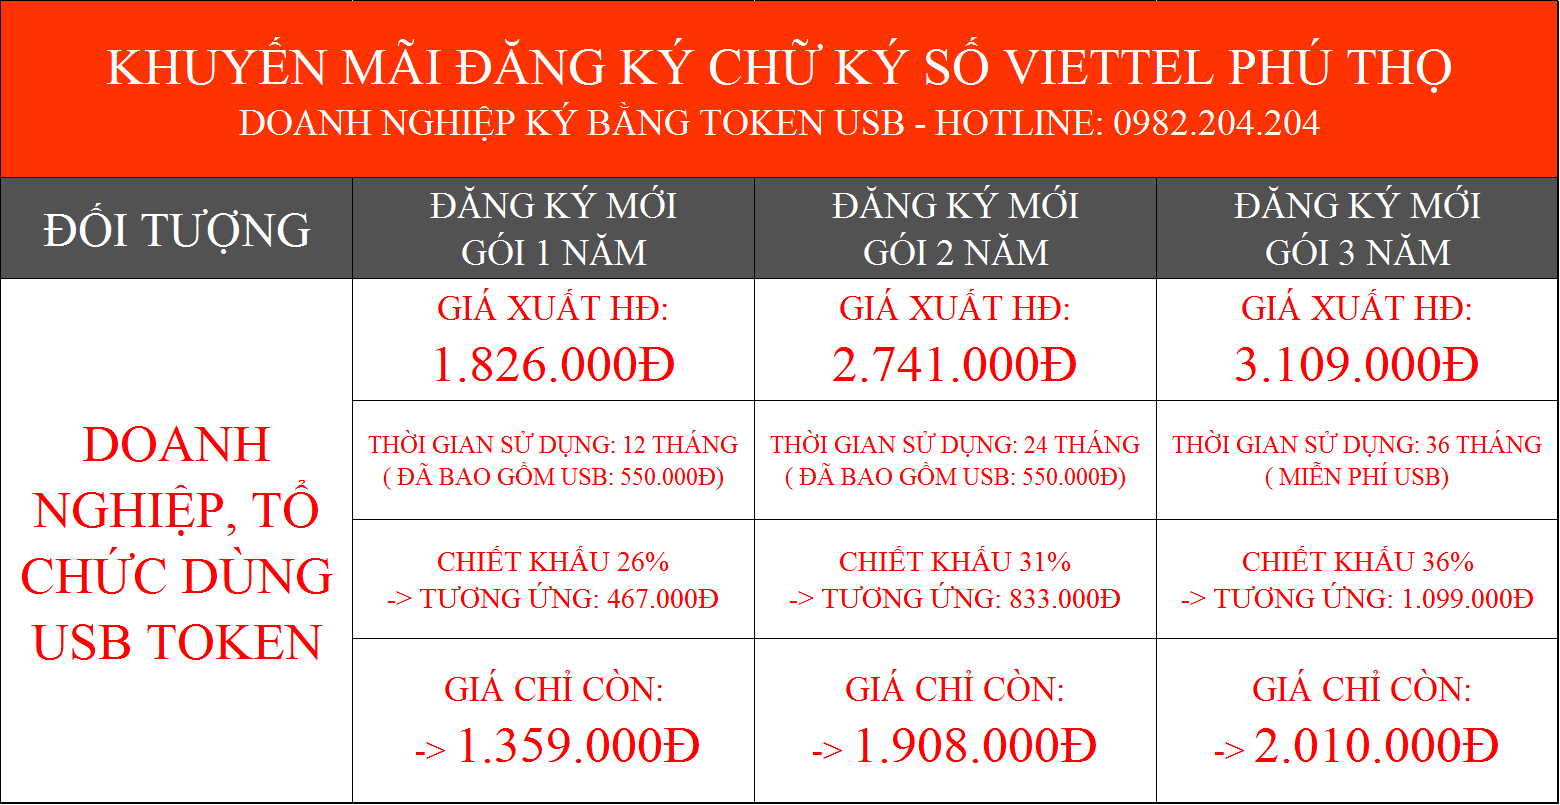 Bảng giá chữ ký số Viettel Phú Thọ